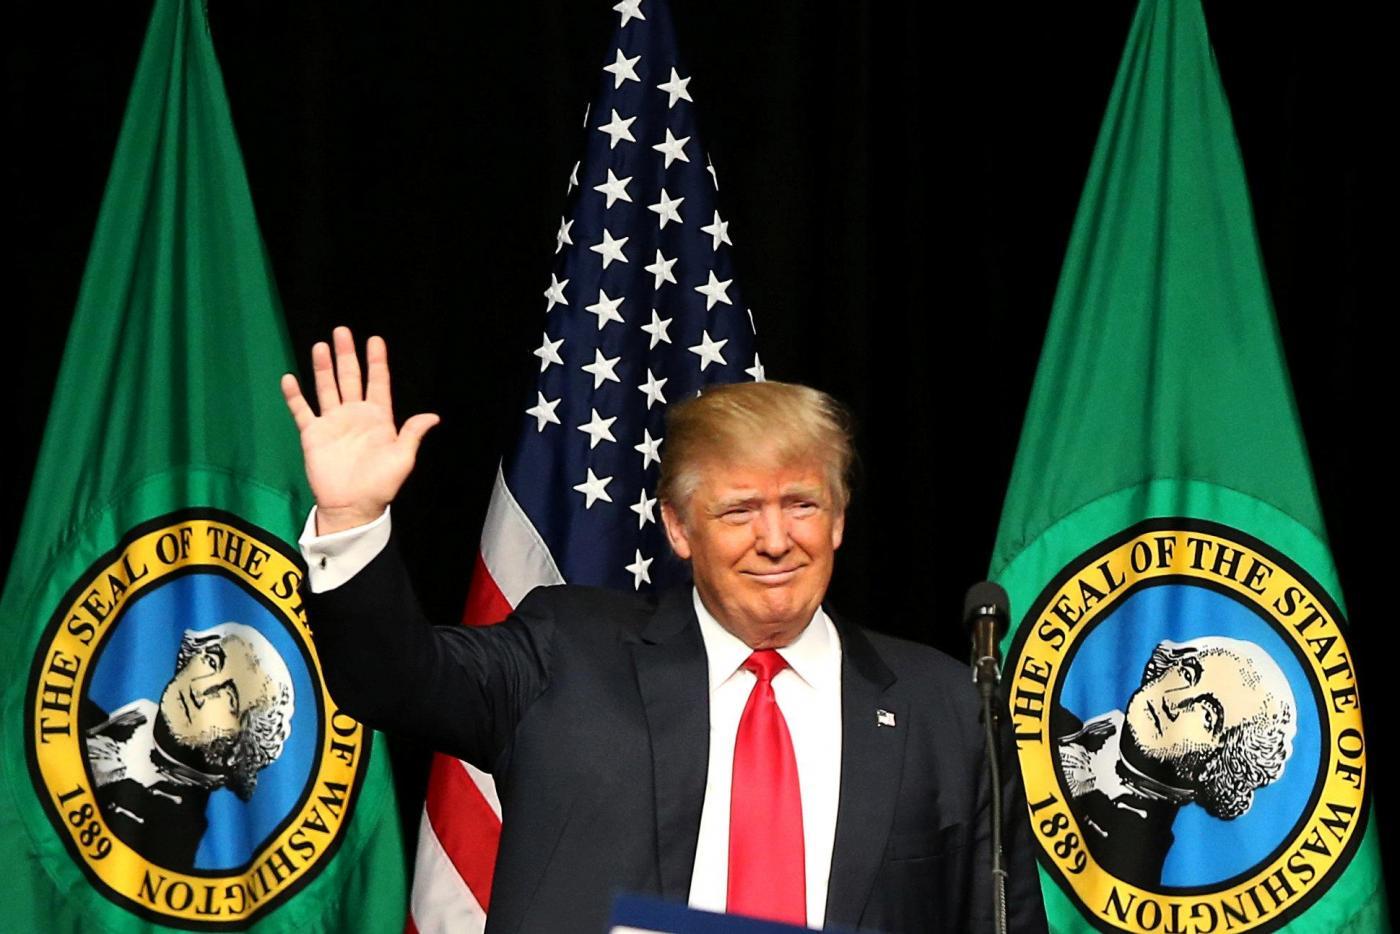 Elezioni Usa, Donald Trump in campagna elettorale